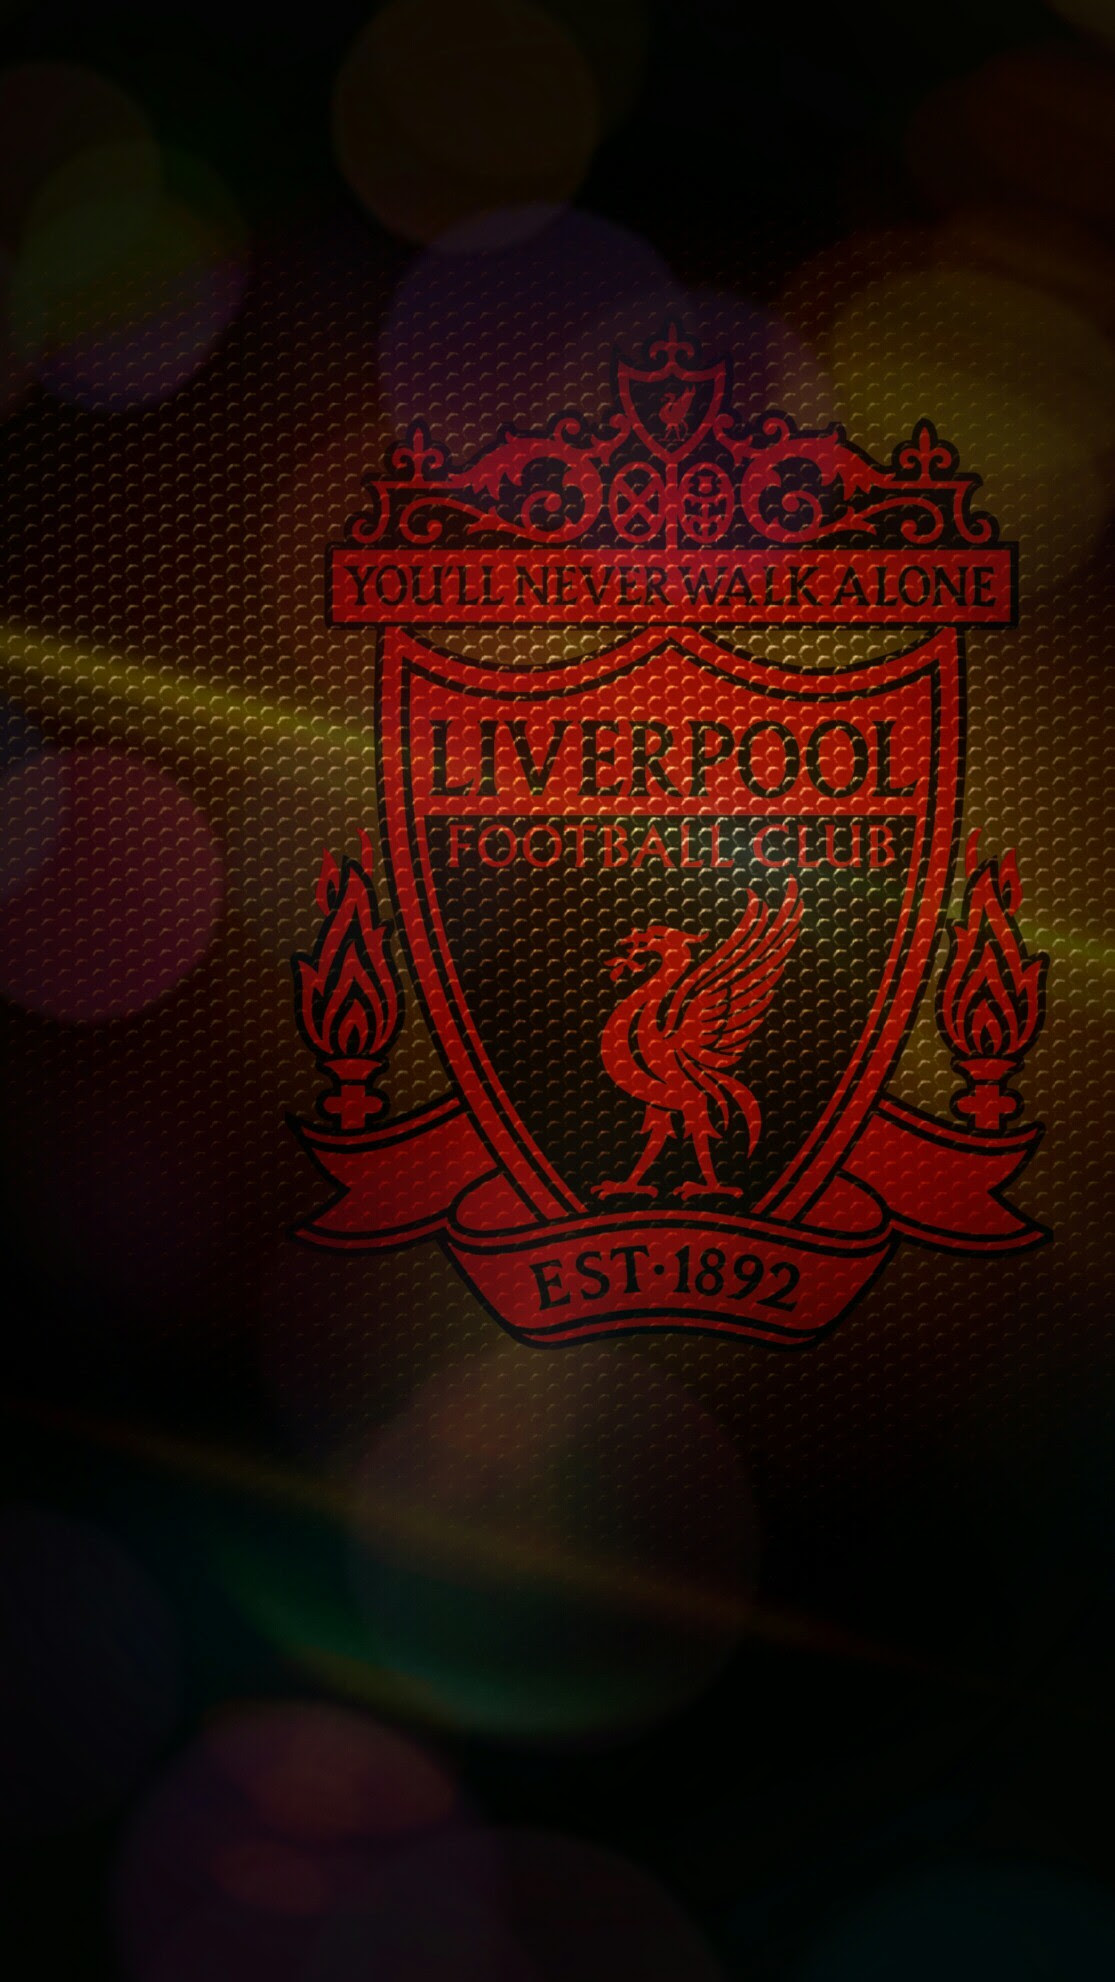 Download Wallpaper Liverpool Logo Hd Cikimm Com